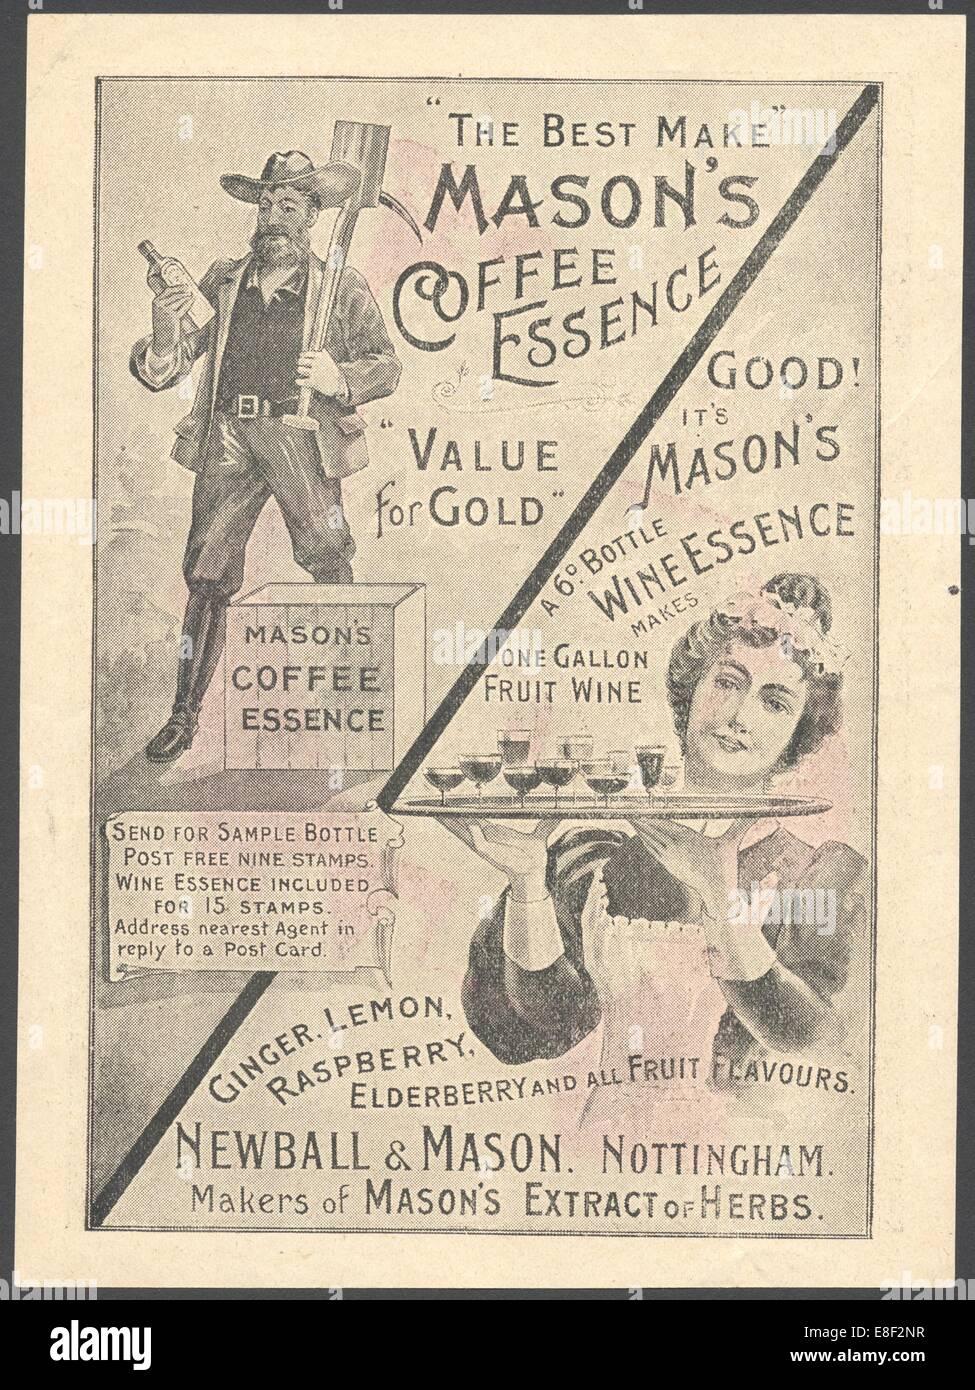 Newball & Mason Kaffee-Essenz, der 1890er Jahre. Stockbild